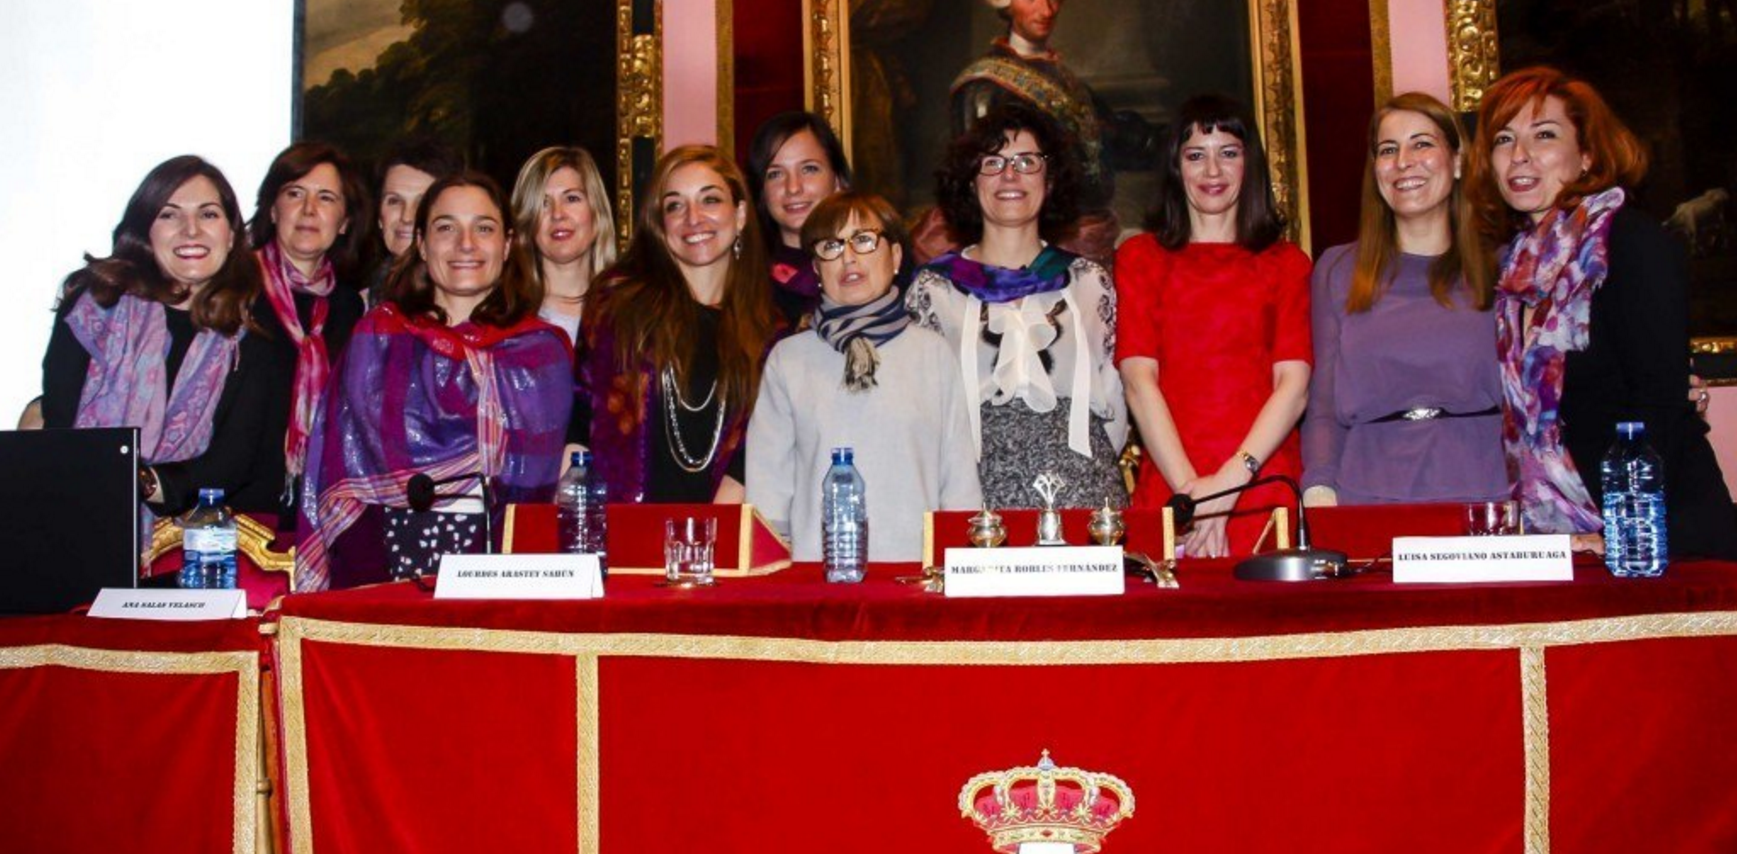 La Asociación de Mujeres Juezas de España